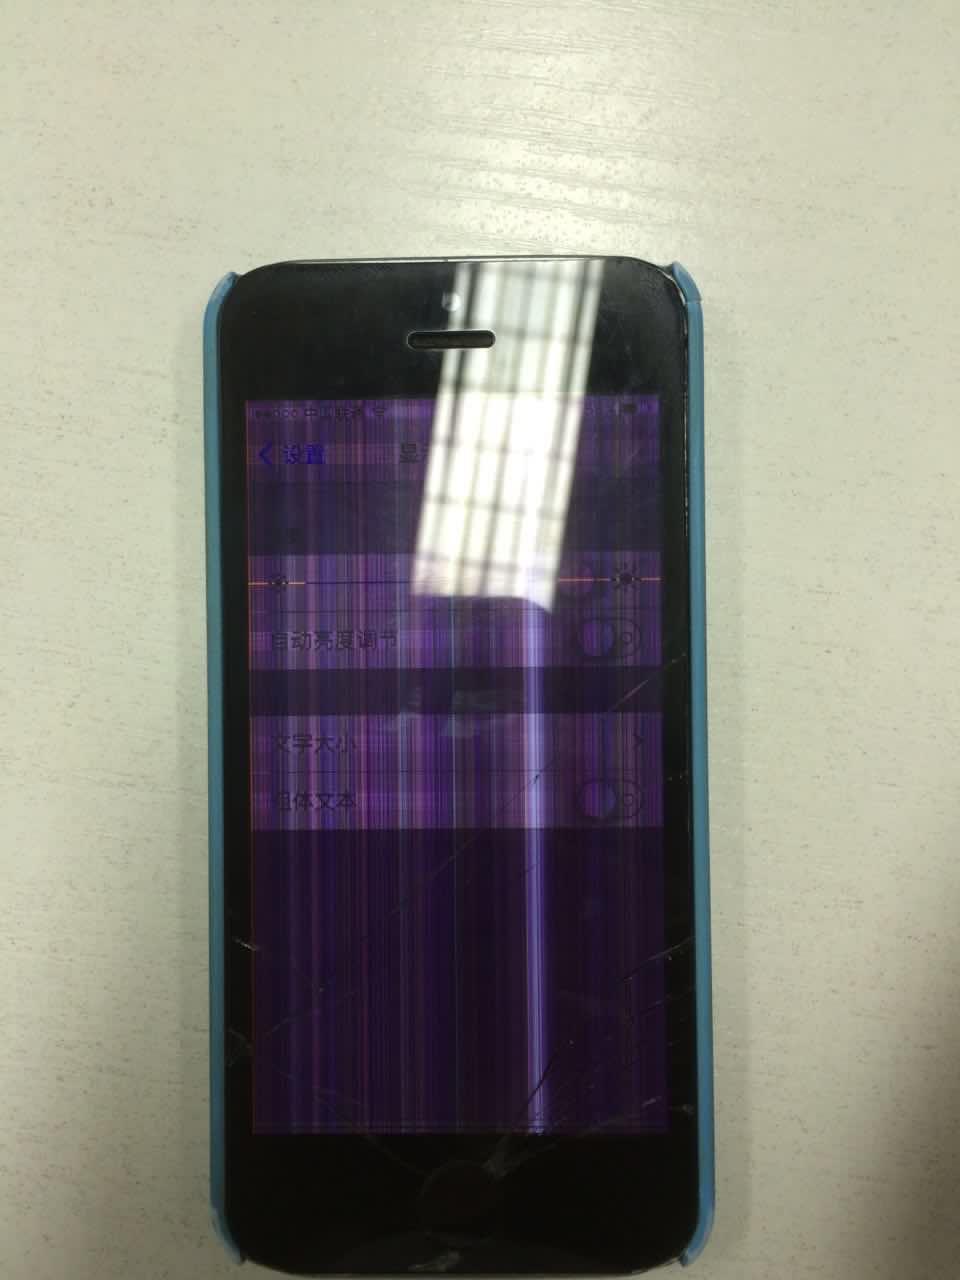 手机5s回事屏幕条纹出现苹果而且底部失灵屏幕无磁不变型不锈钢图片